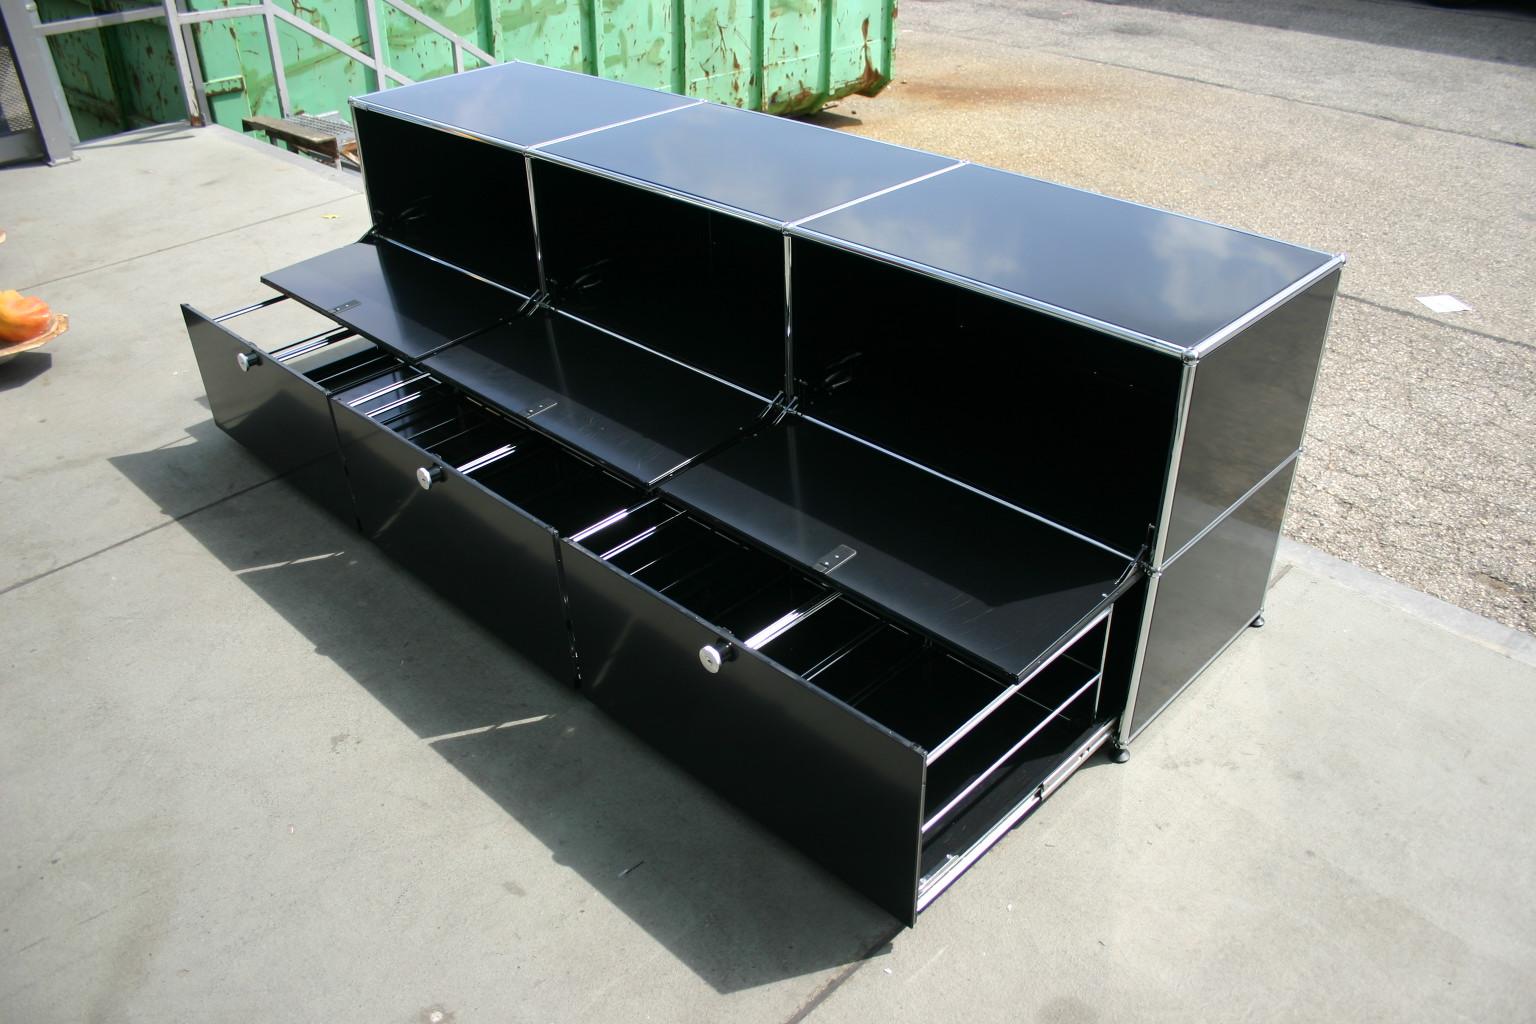 sideboard von usm haller in schwarz. Black Bedroom Furniture Sets. Home Design Ideas